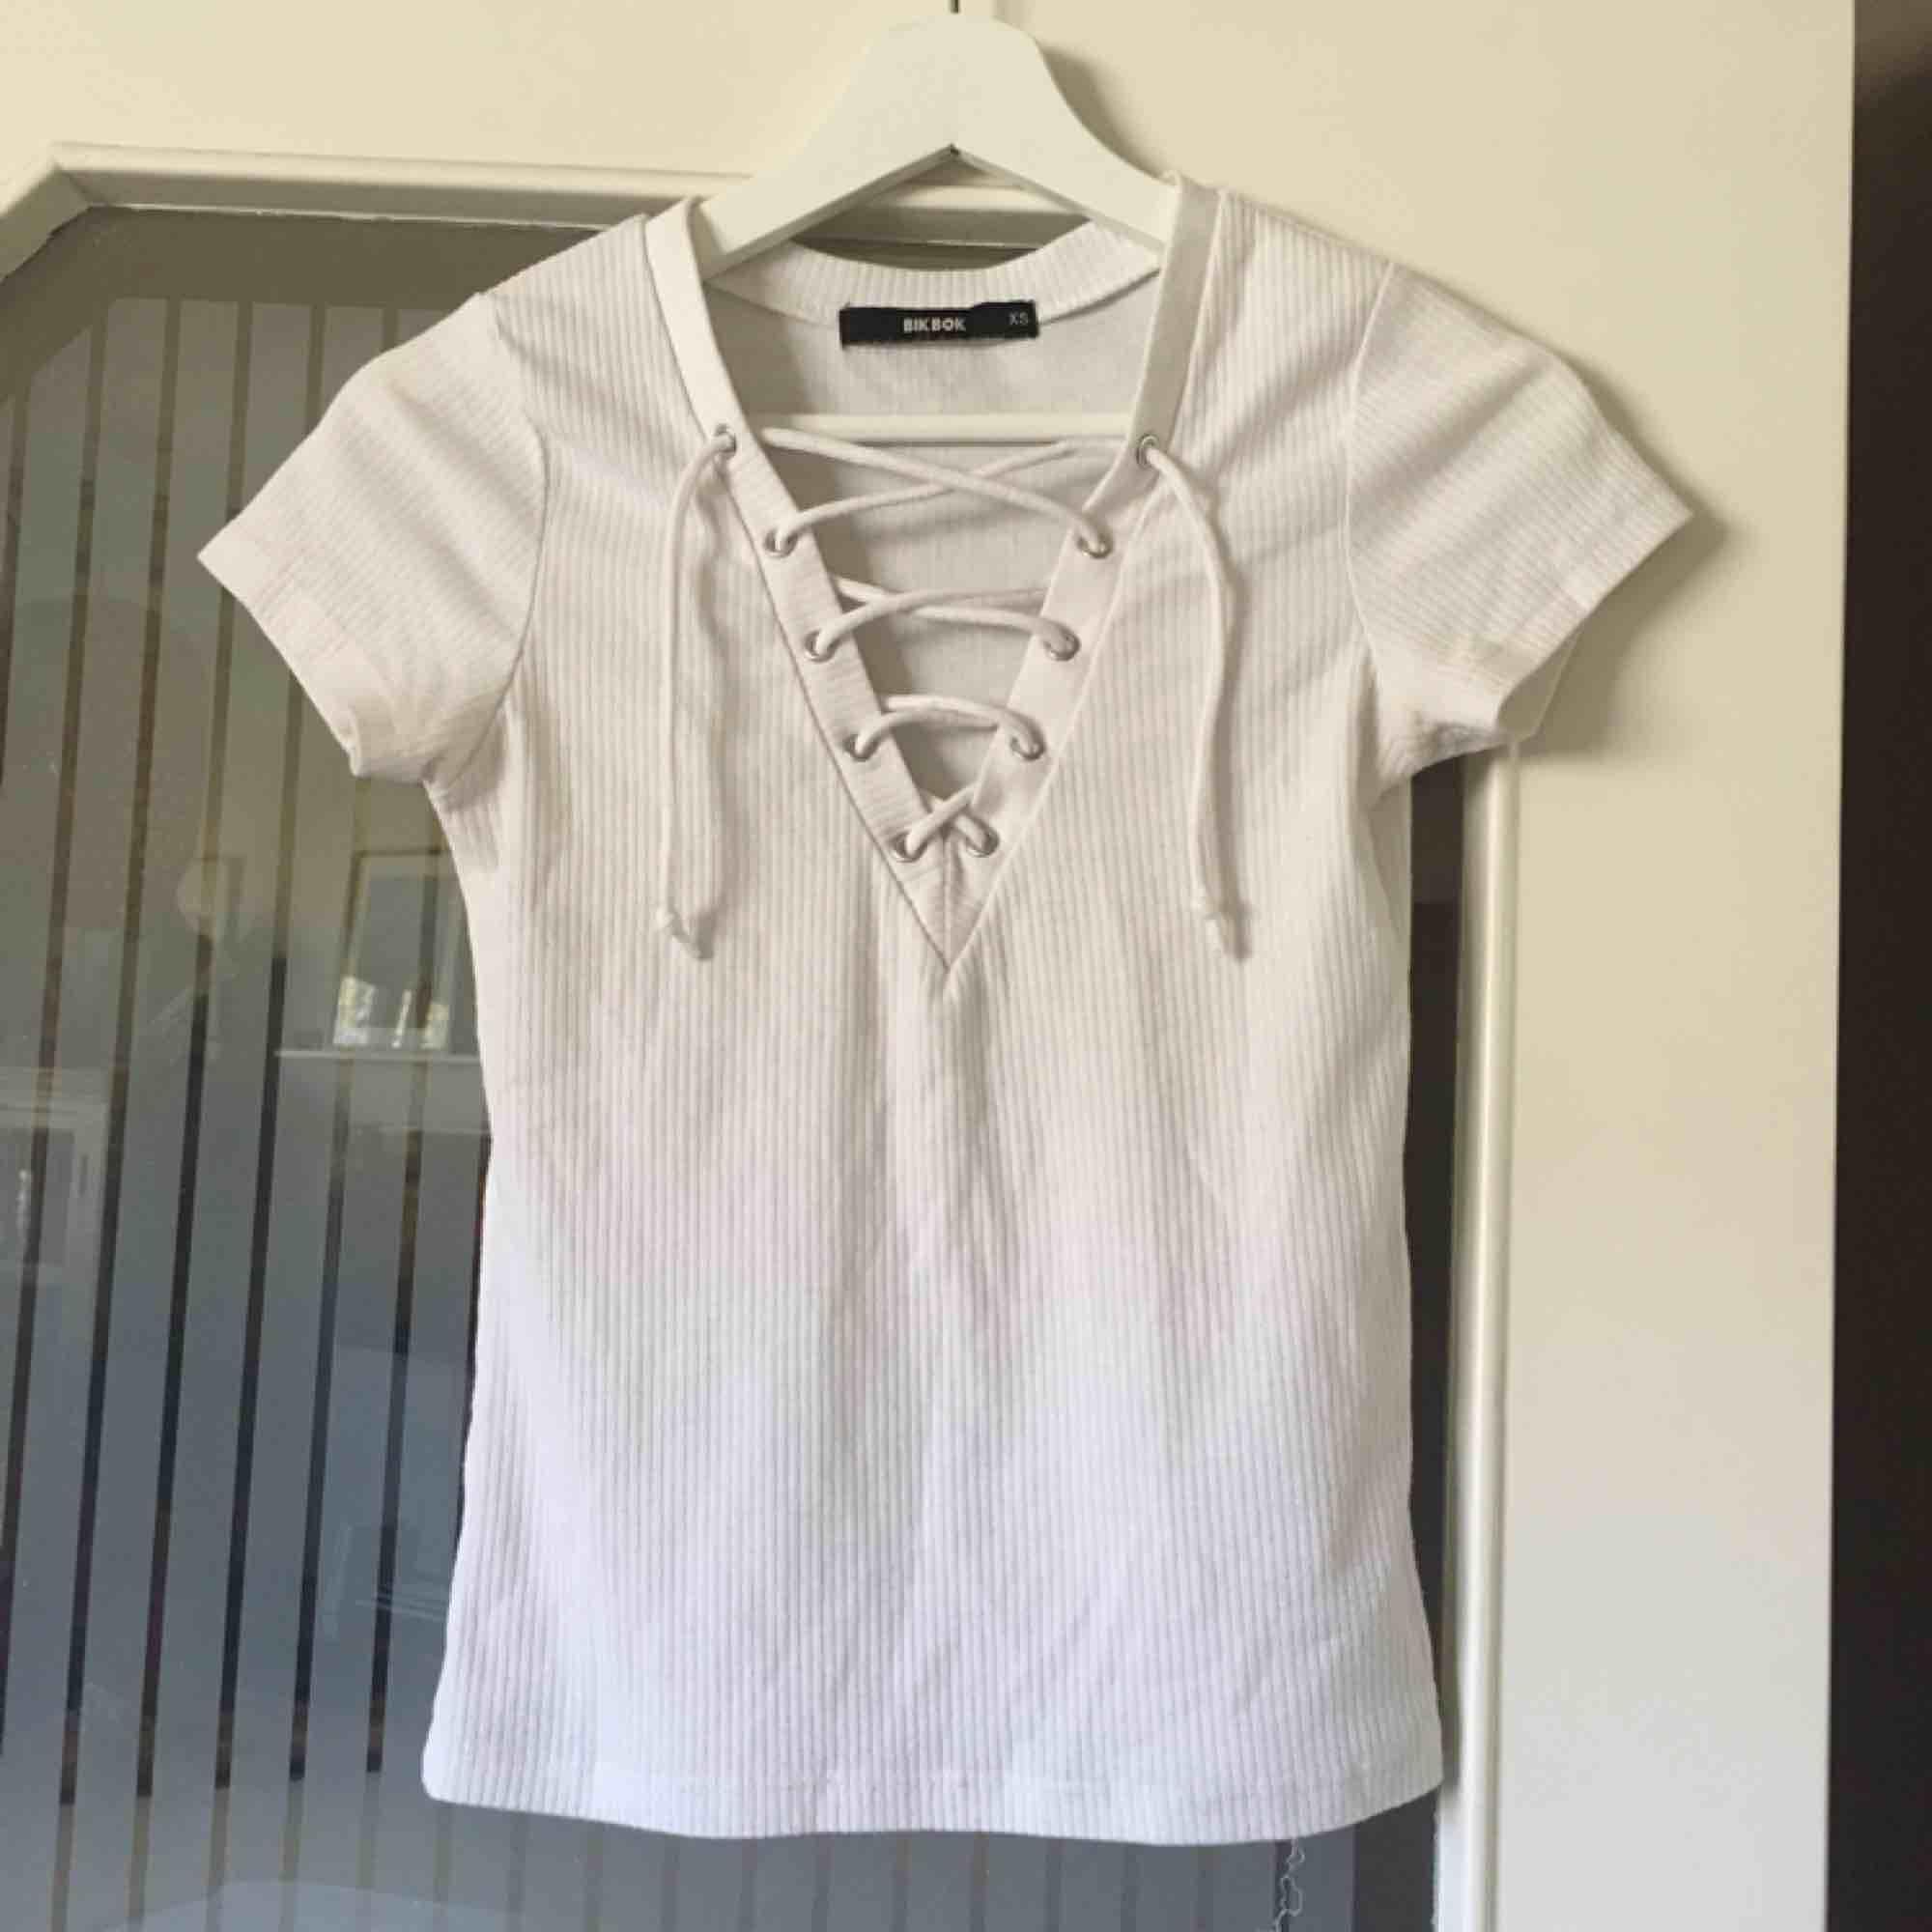 Vit ribbad t-shirt med snörning, storlek XS. Knappt använd, jättefint skick! Kan mötas upp i Stockholm eller skicka mot fraktkostnad (gissar 18:- eller 39:-). T-shirts.